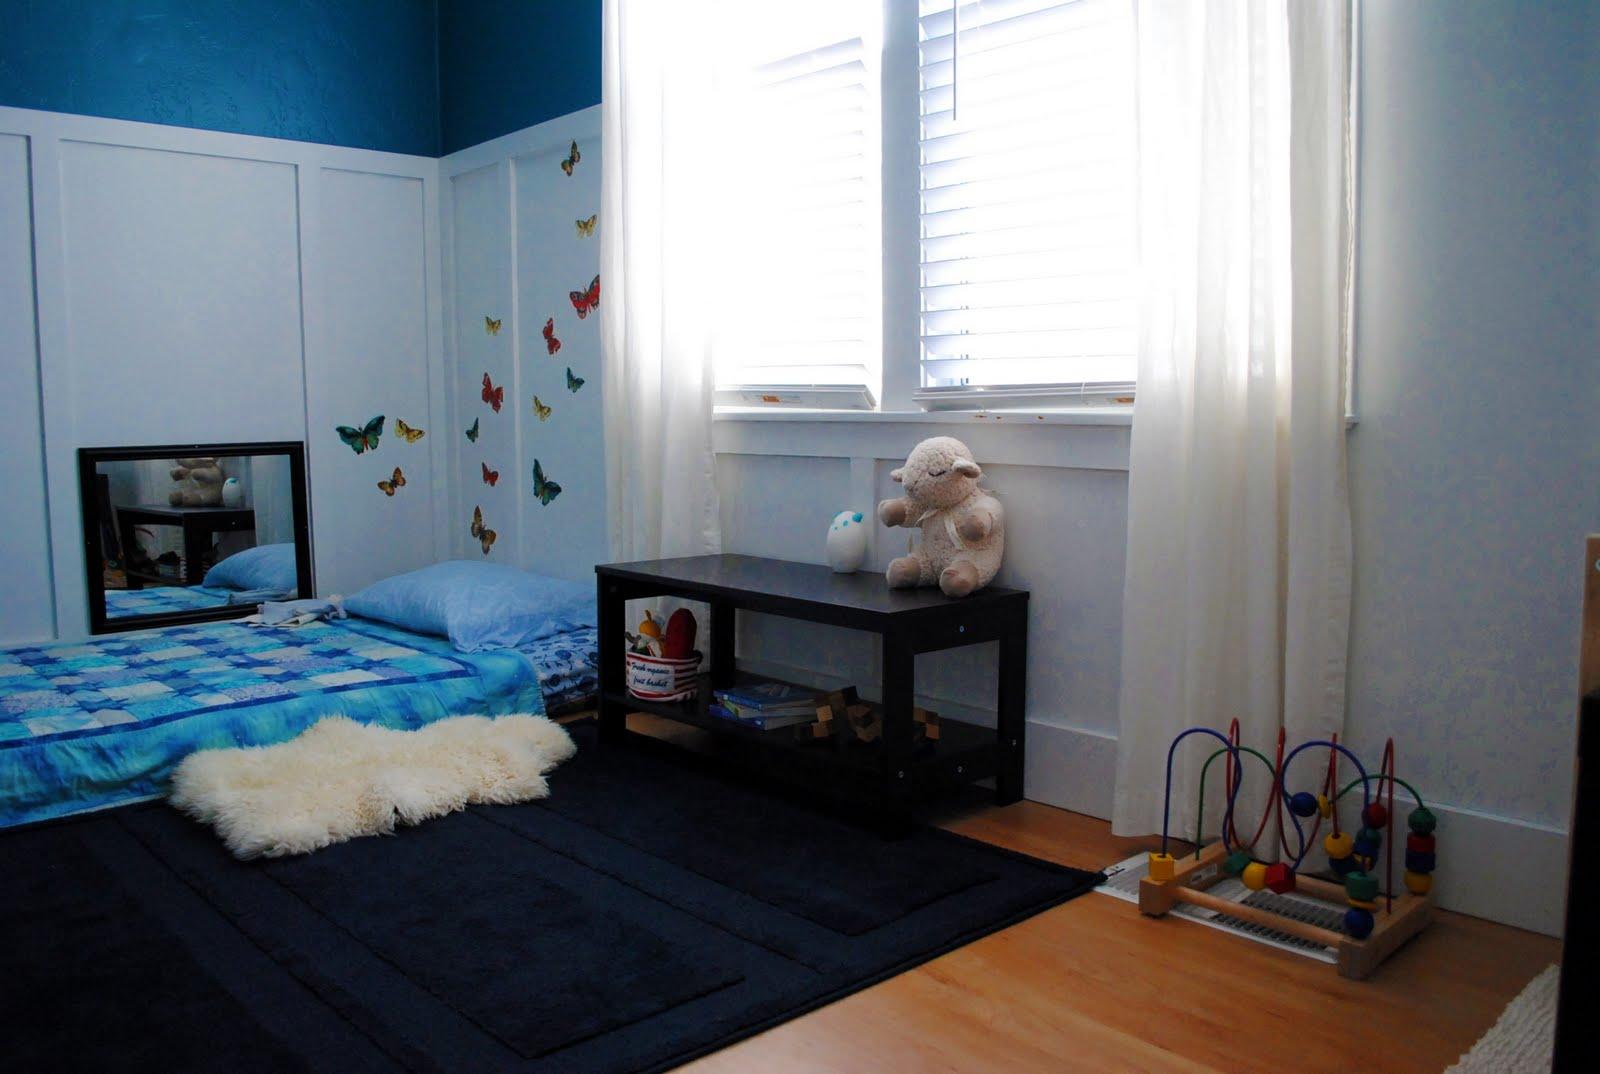 Chambre ado montessori for Chambre montessori 6 ans